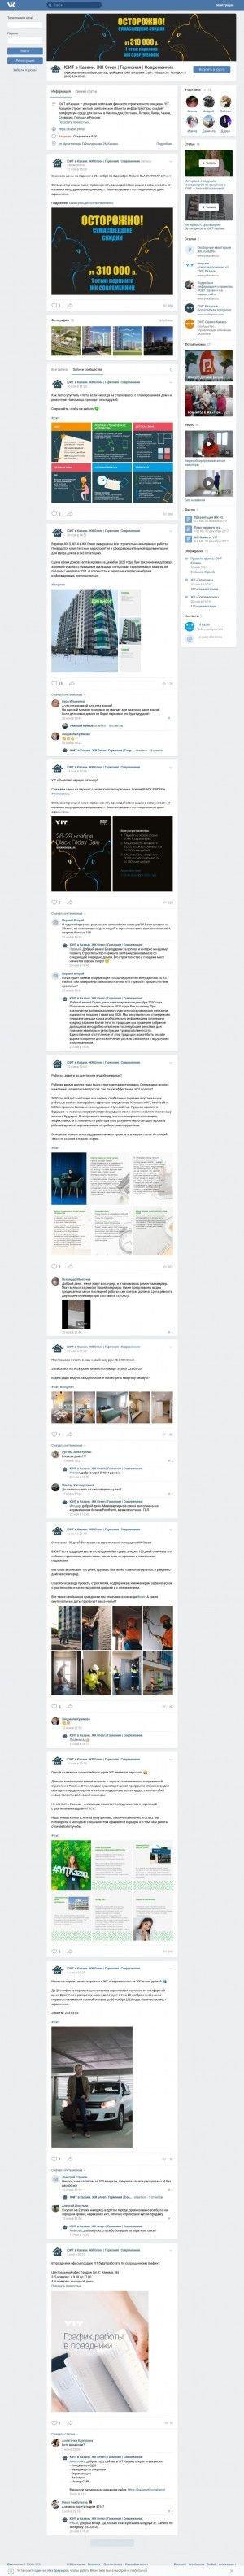 Предпросмотр для vk.com — ЮИТ Казань, офис продаж